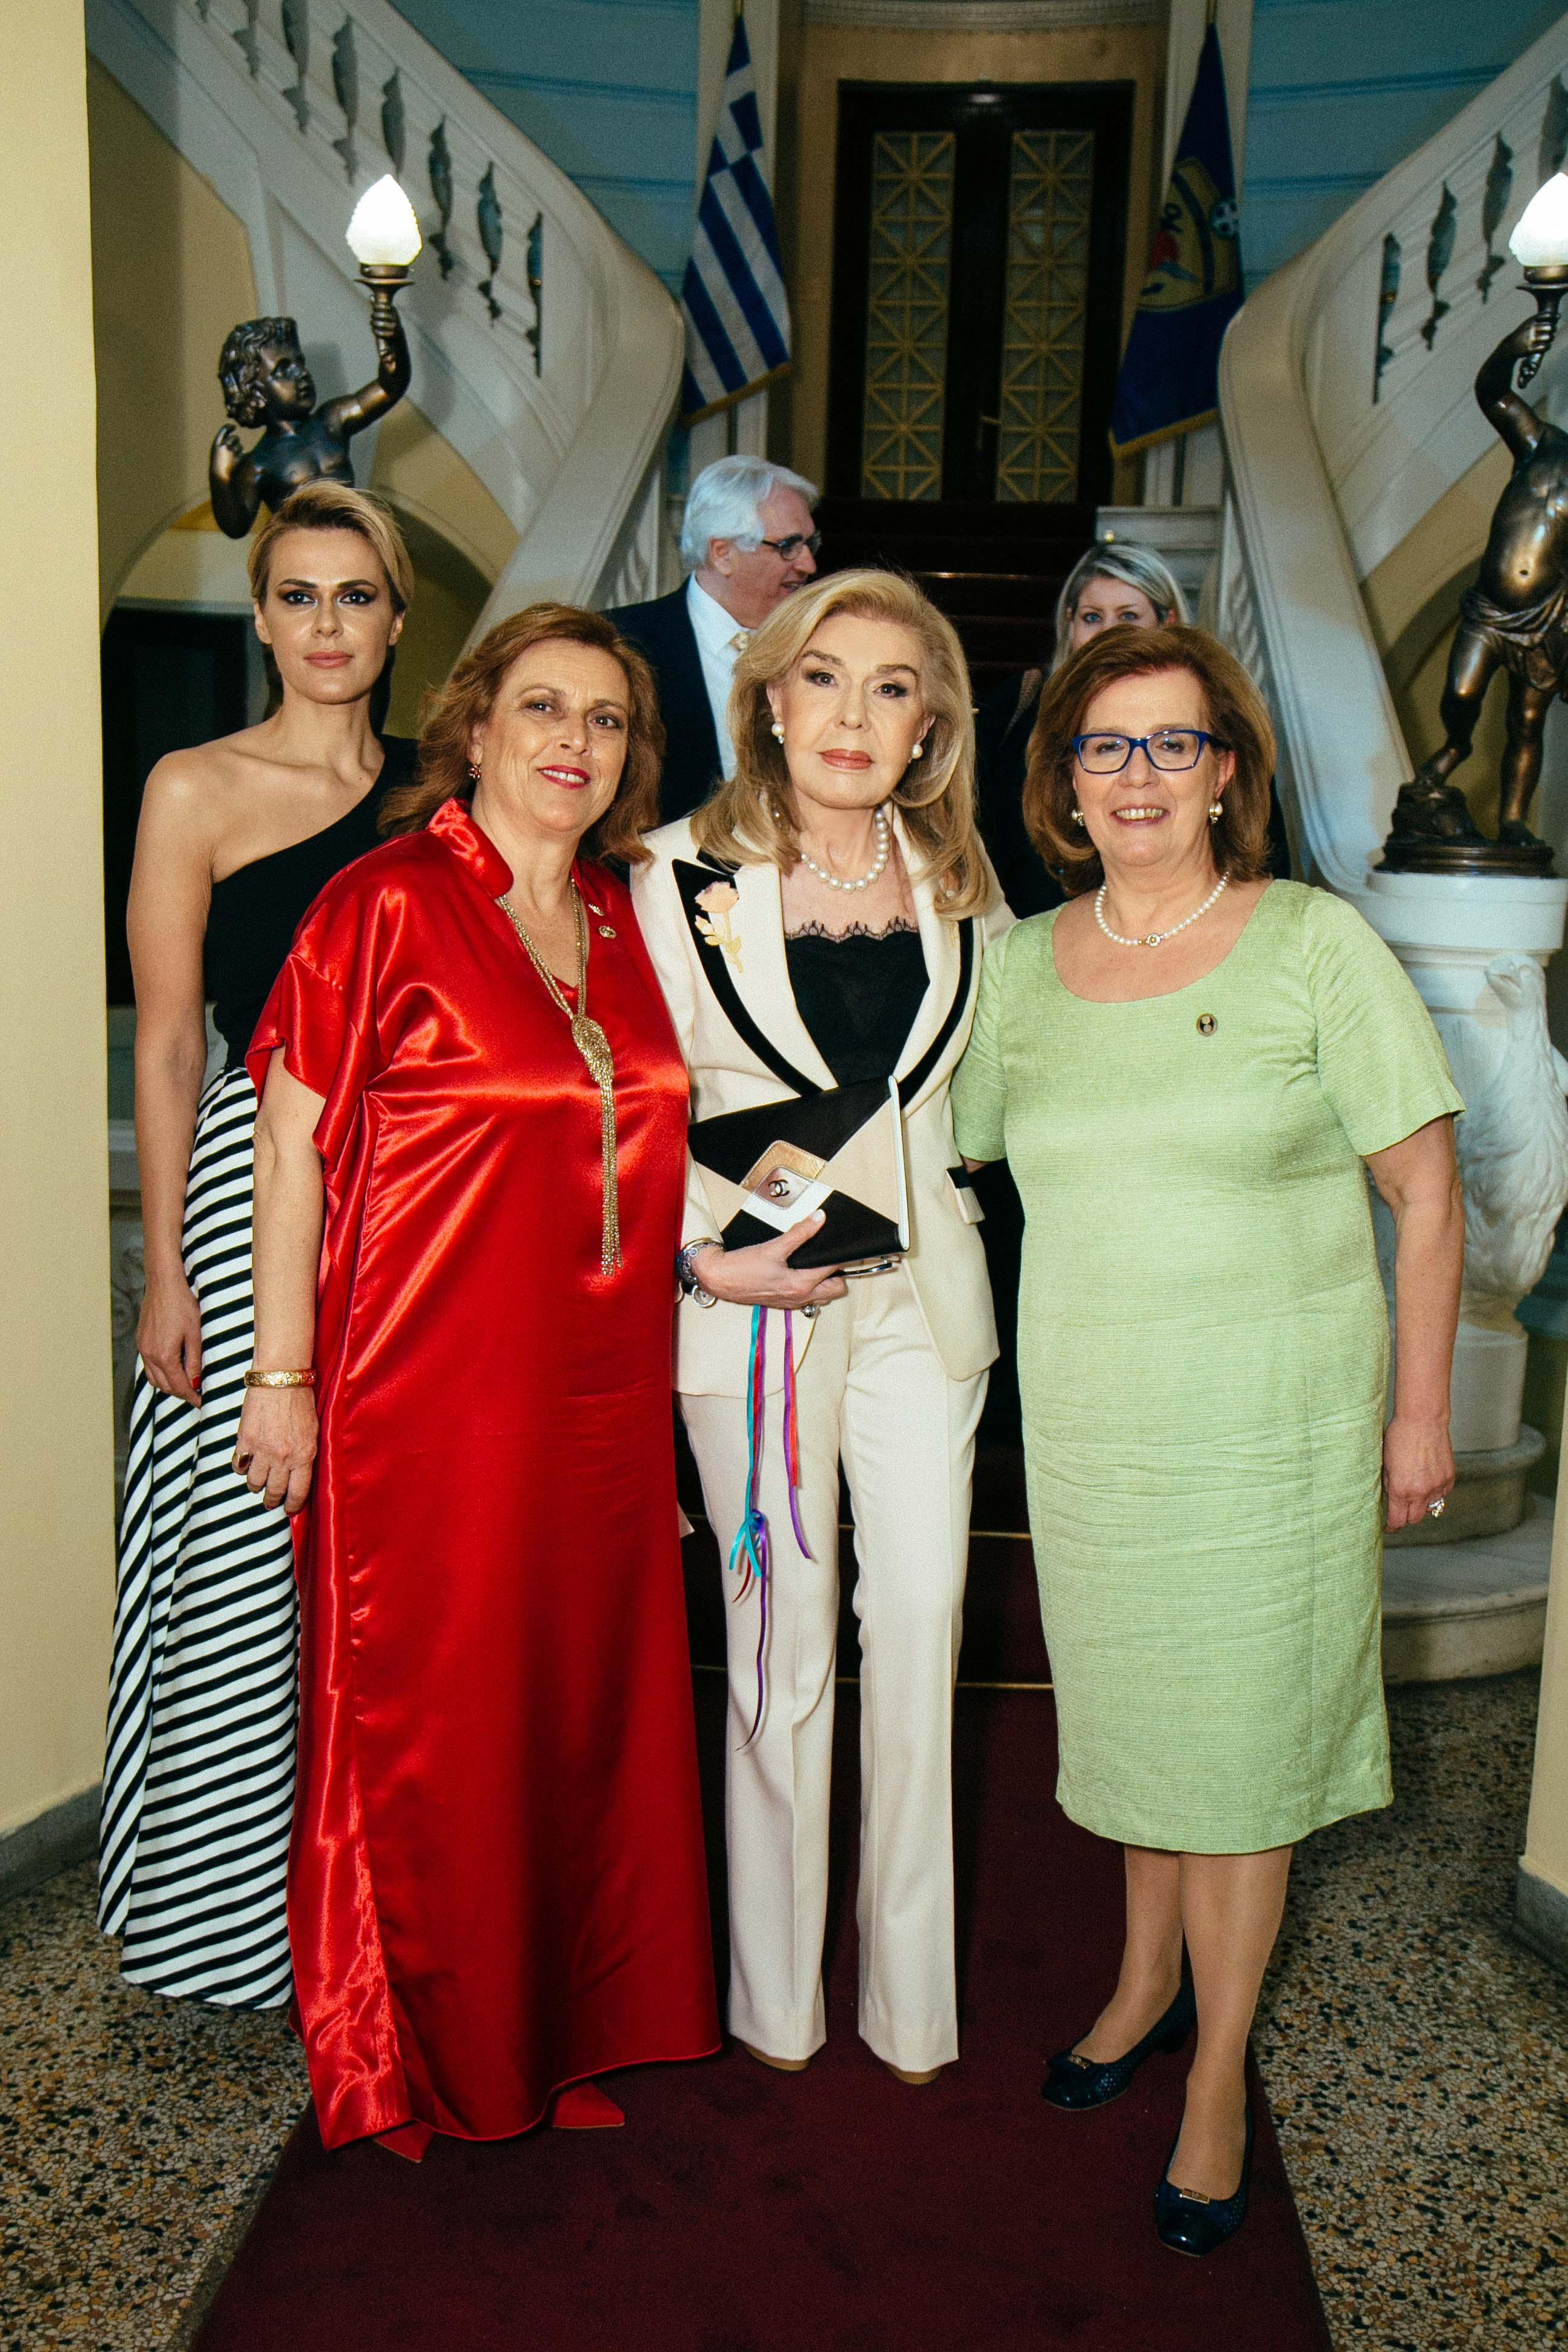 Η κυρία Μαριάννα Β. Βαρδινογιάννη με τις κυρίες Μαρία Ροδακάκη, Ντίντα Μανώλη και Μάρη Δεληβοριά